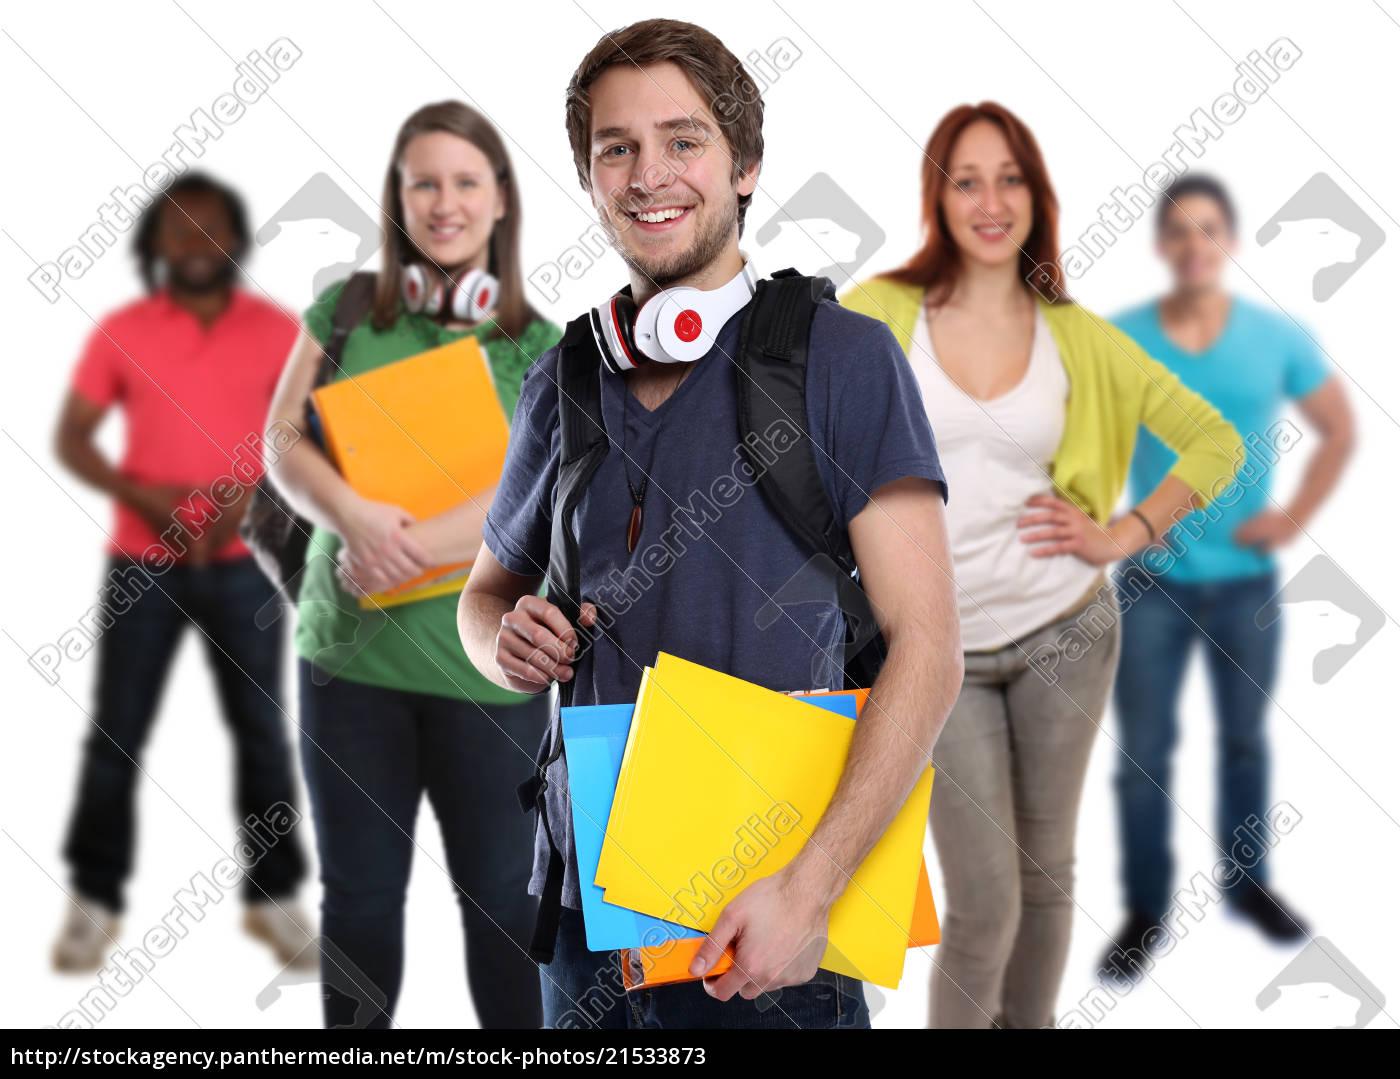 studenten, gruppe, junge, jung, lachen, leute - 21533873